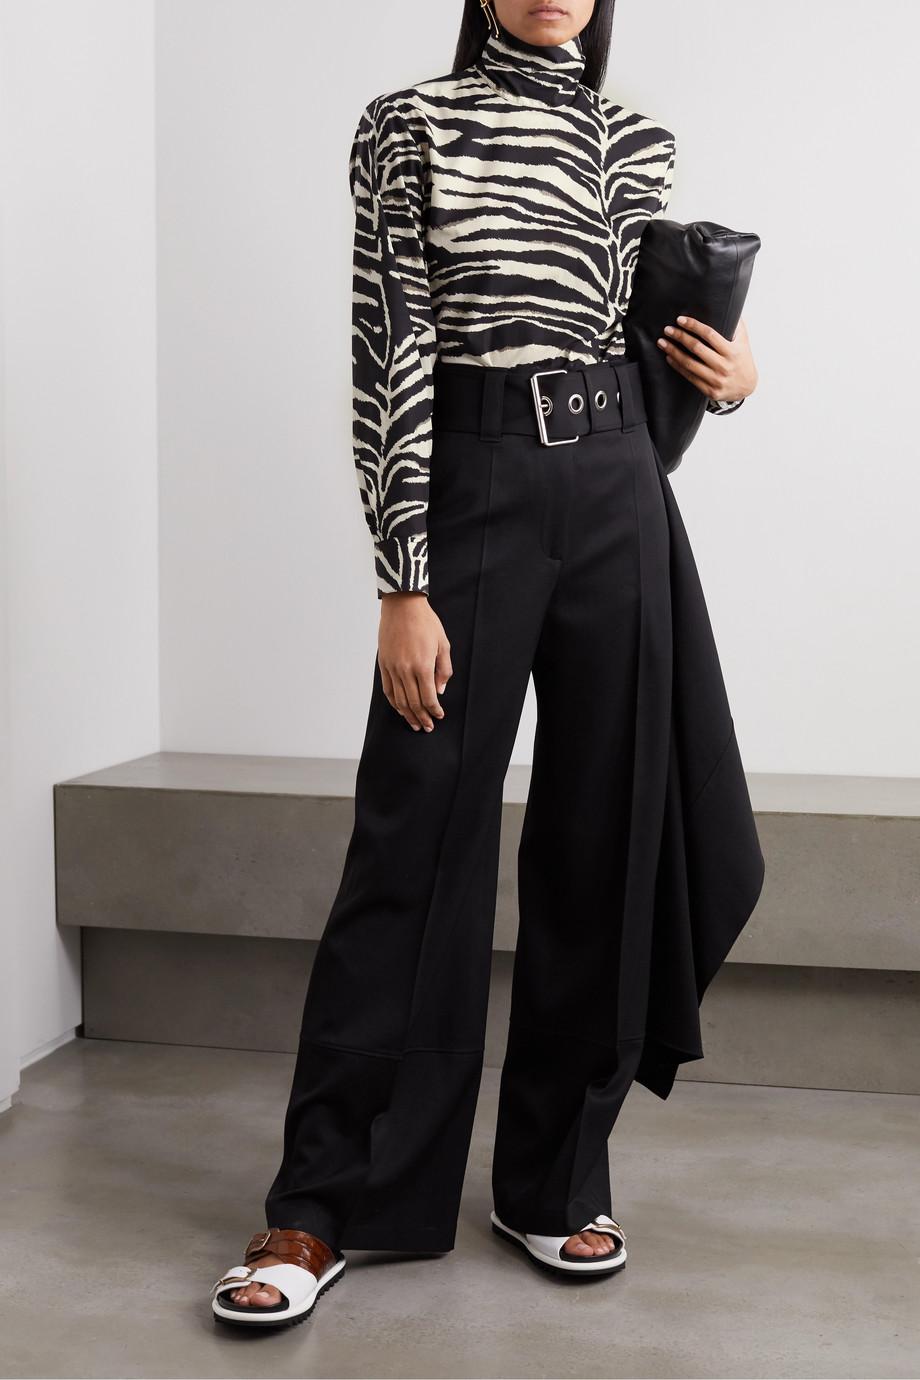 Dries Van Noten Bluse aus Baumwolle mit Zebraprint und Stehkragen